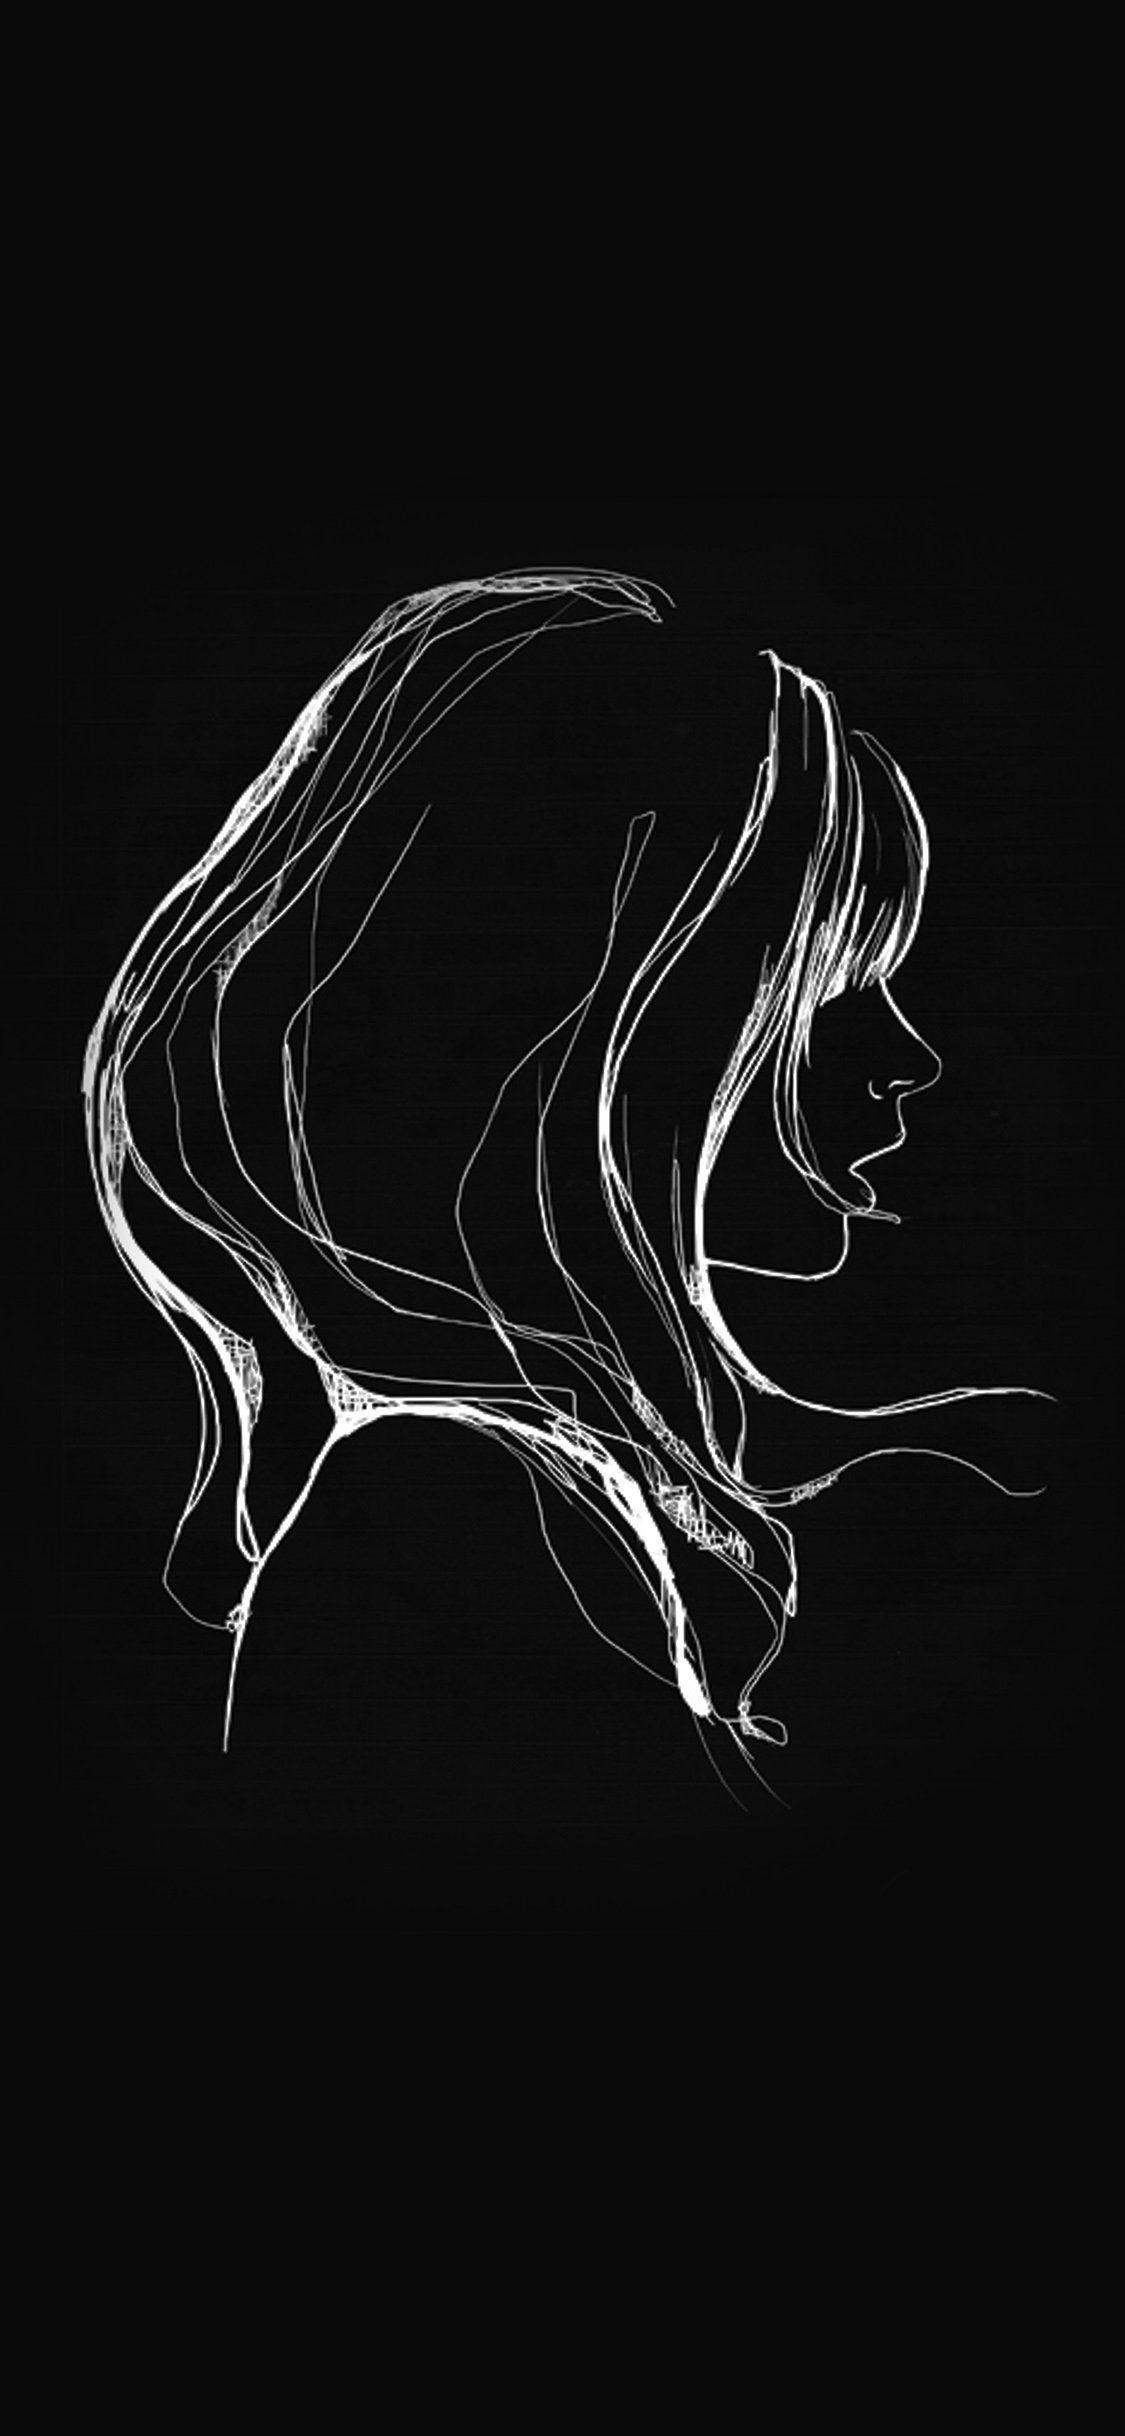 1125x2436 Hình nền iPhoneX: vẽ minh họa cô gái tối giản đơn giản